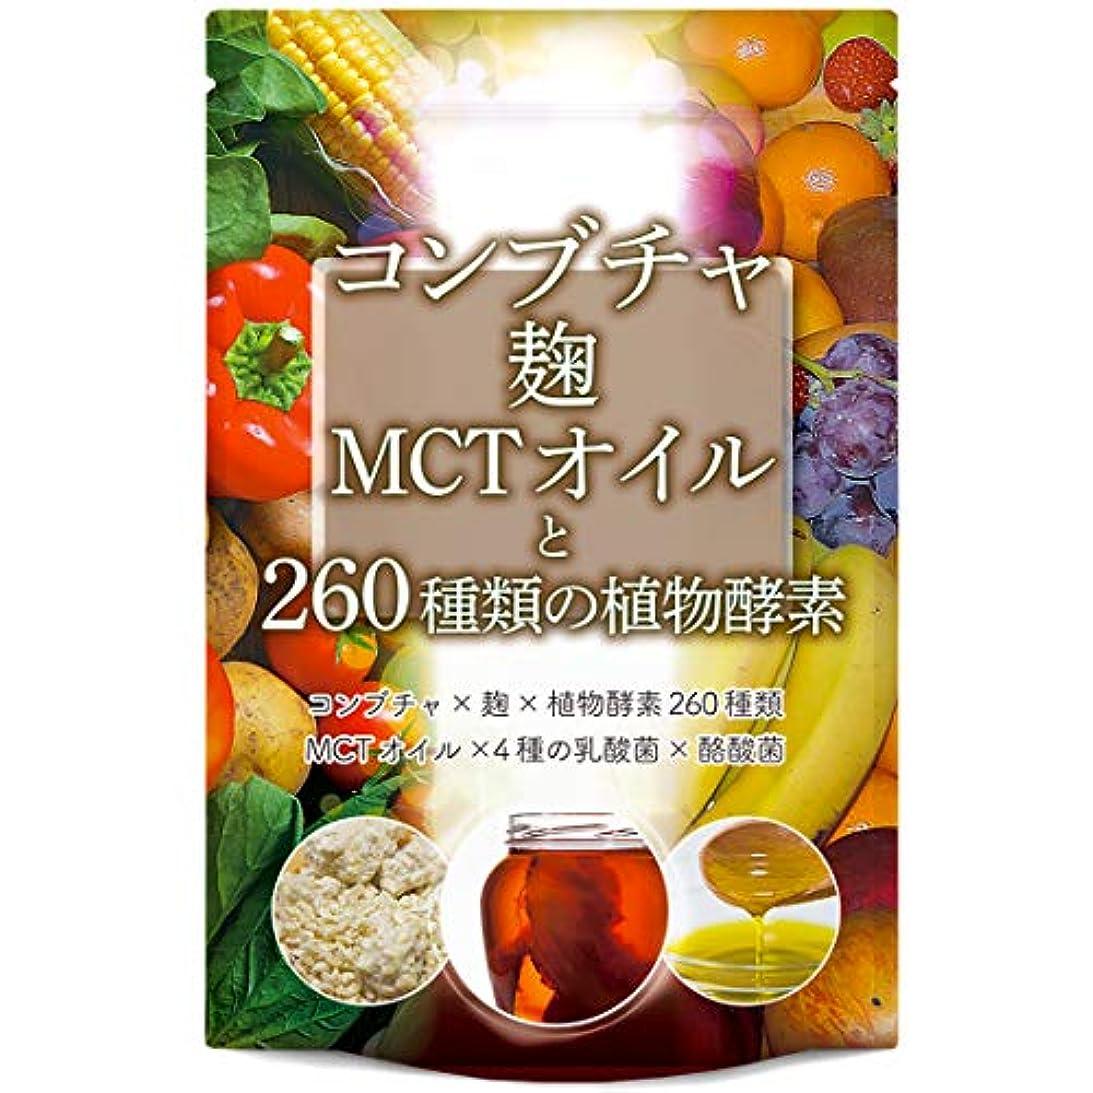 テクトニック万歳ドアミラーコンブチャ 麹 MCTオイル 260種類の植物酵素 ダイエット サプリメント 30粒 30日分